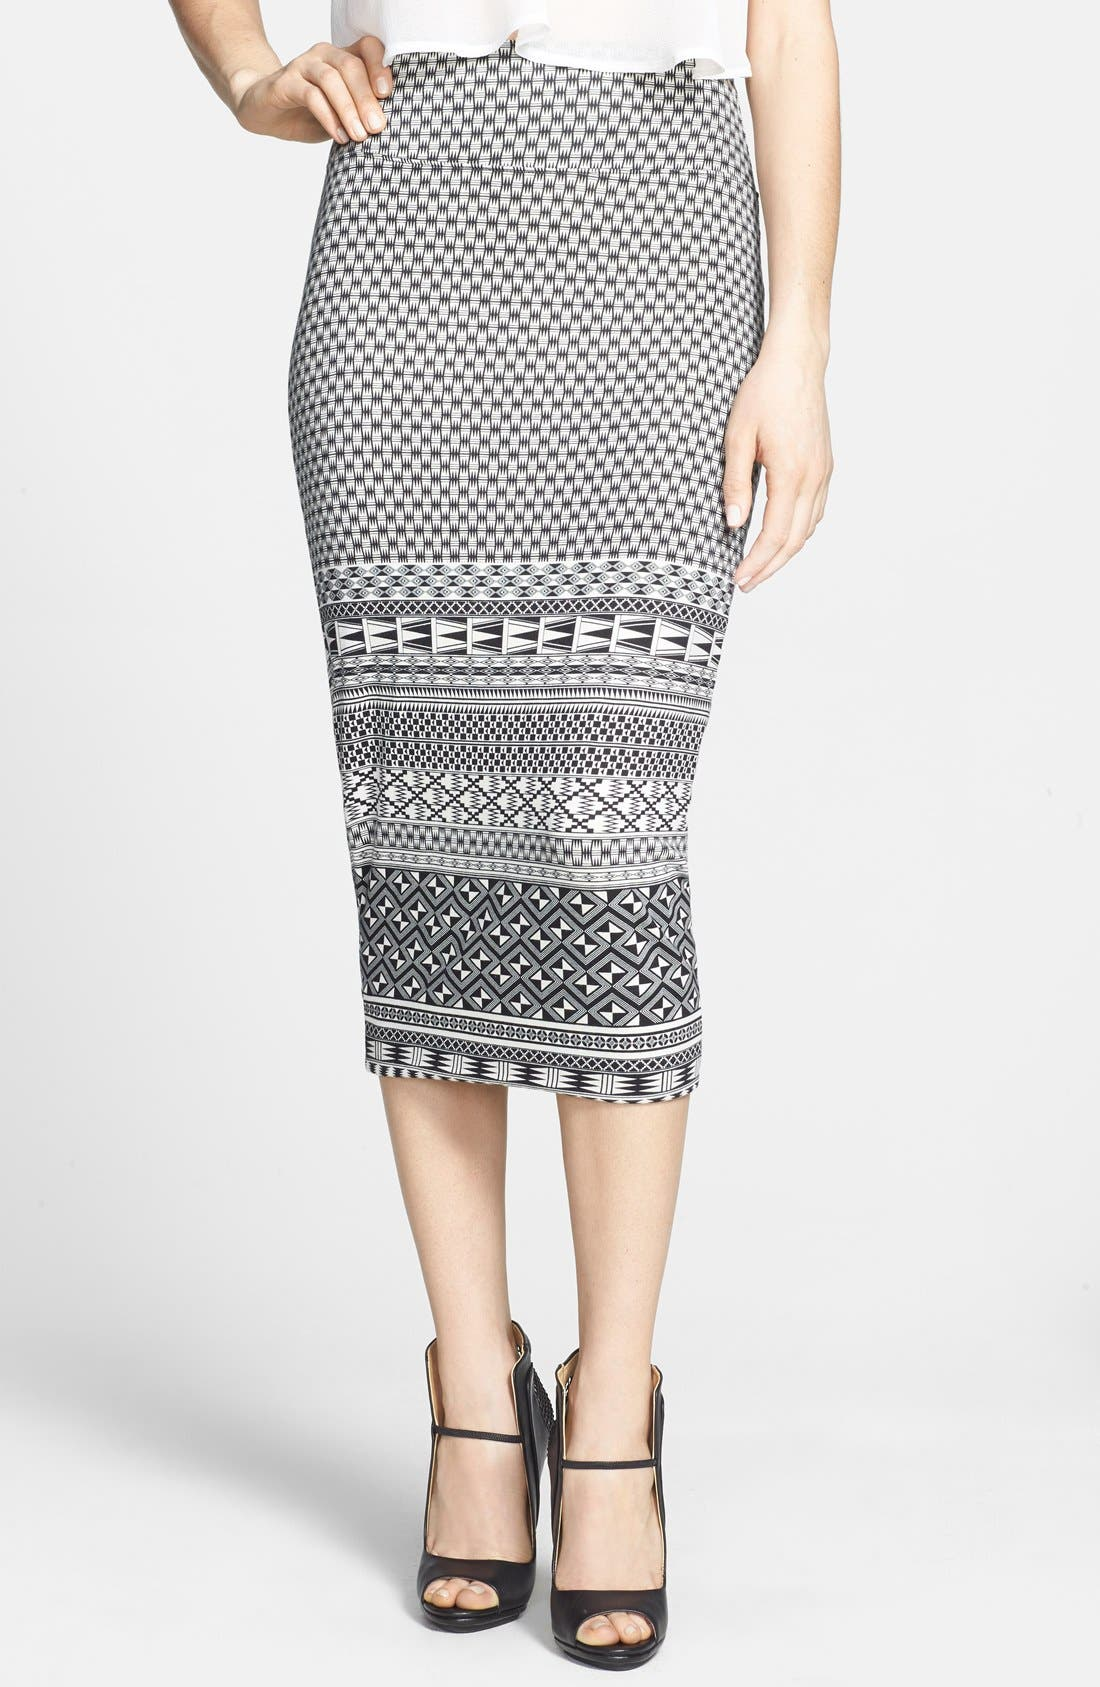 Alternate Image 1 Selected - Leith High Rise Midi Tube Skirt